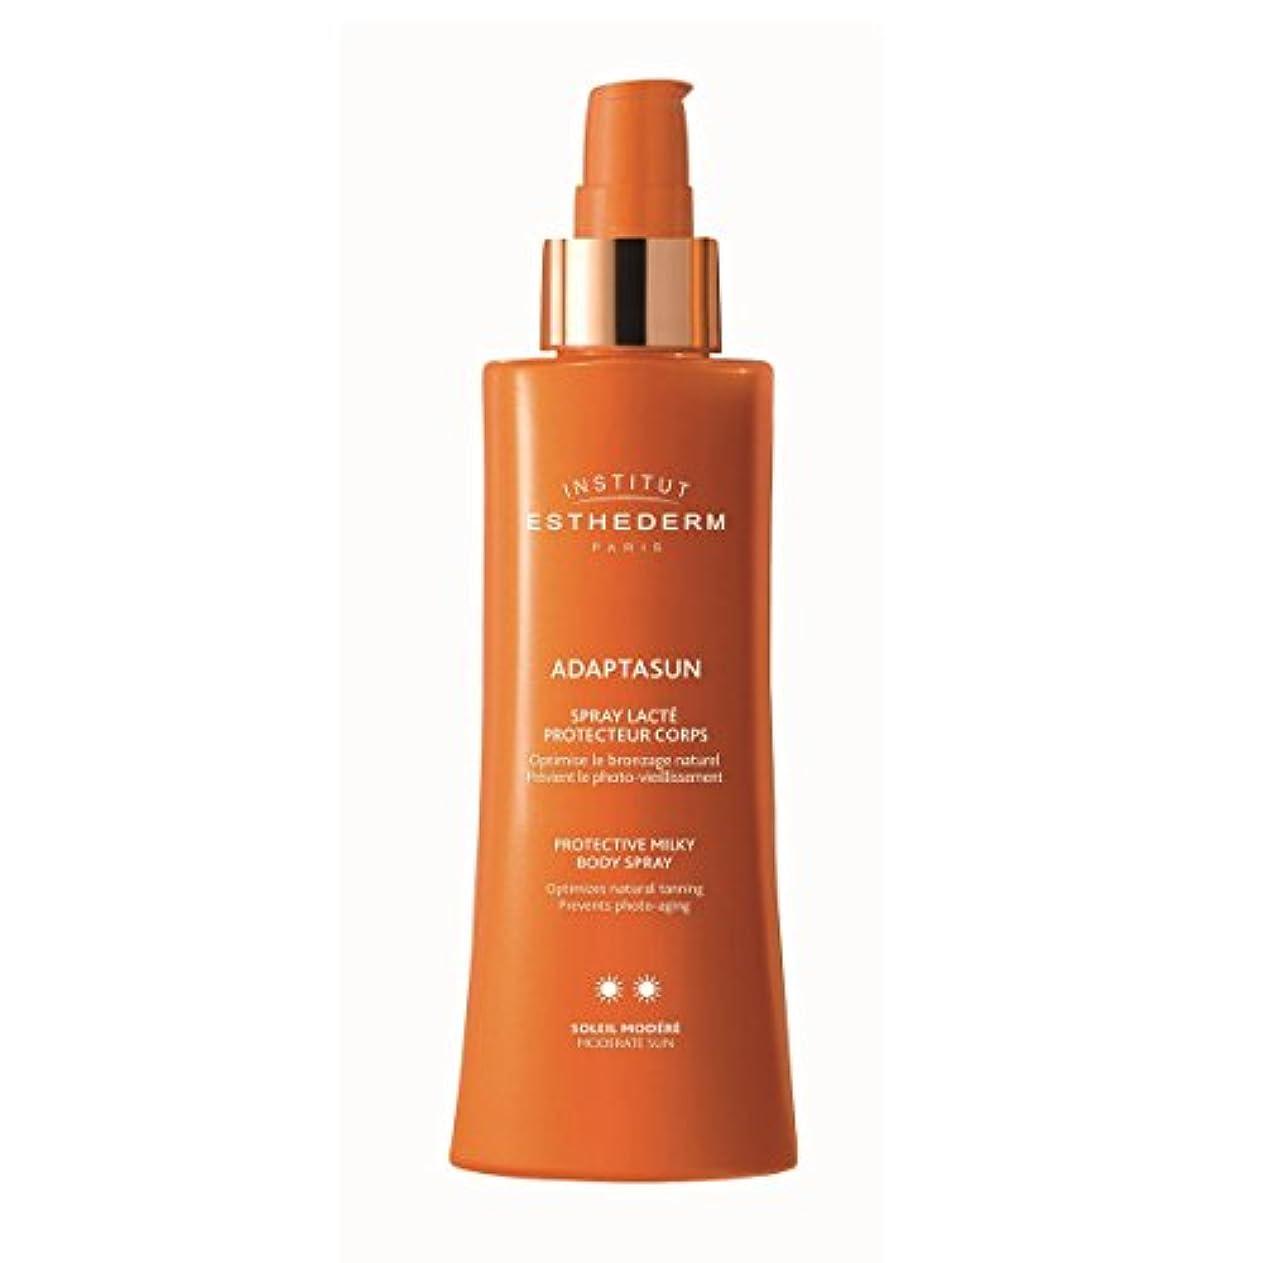 主観的走るアサートInstitut Esthederm Adaptasun Protective Milky Body Spray Moderate Sun 150ml [並行輸入品]